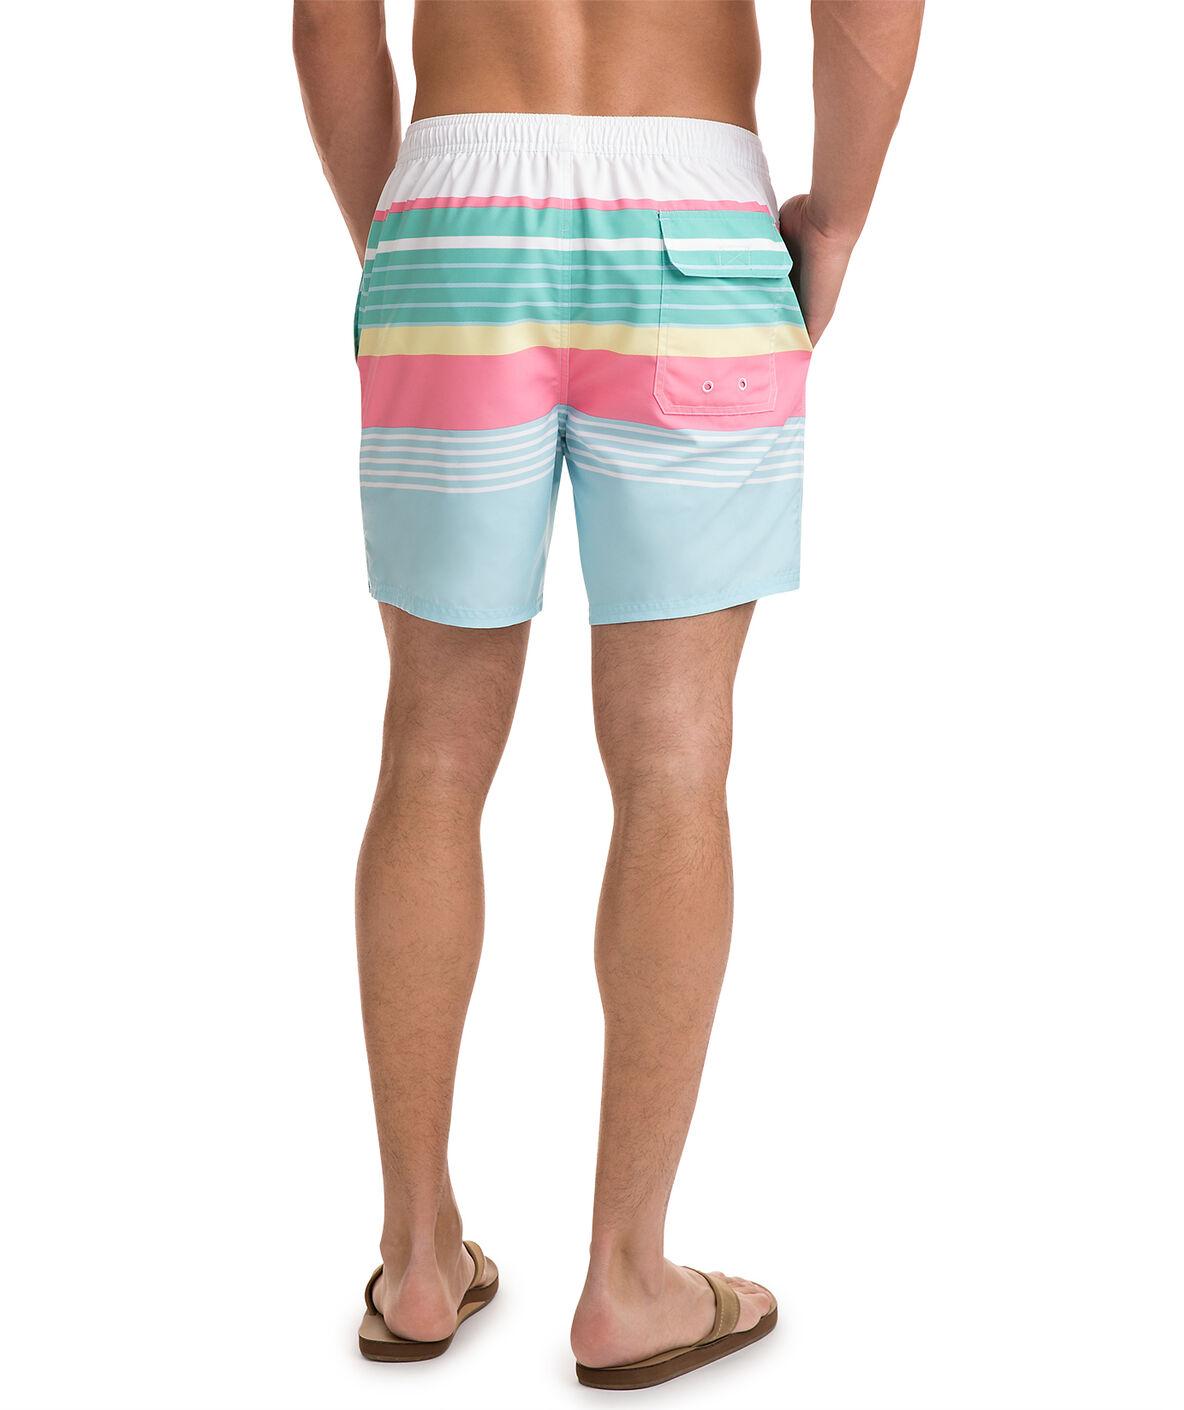 023c127e6b6f2 Boca Bay Stripe Chappy Trunks. Zoom In